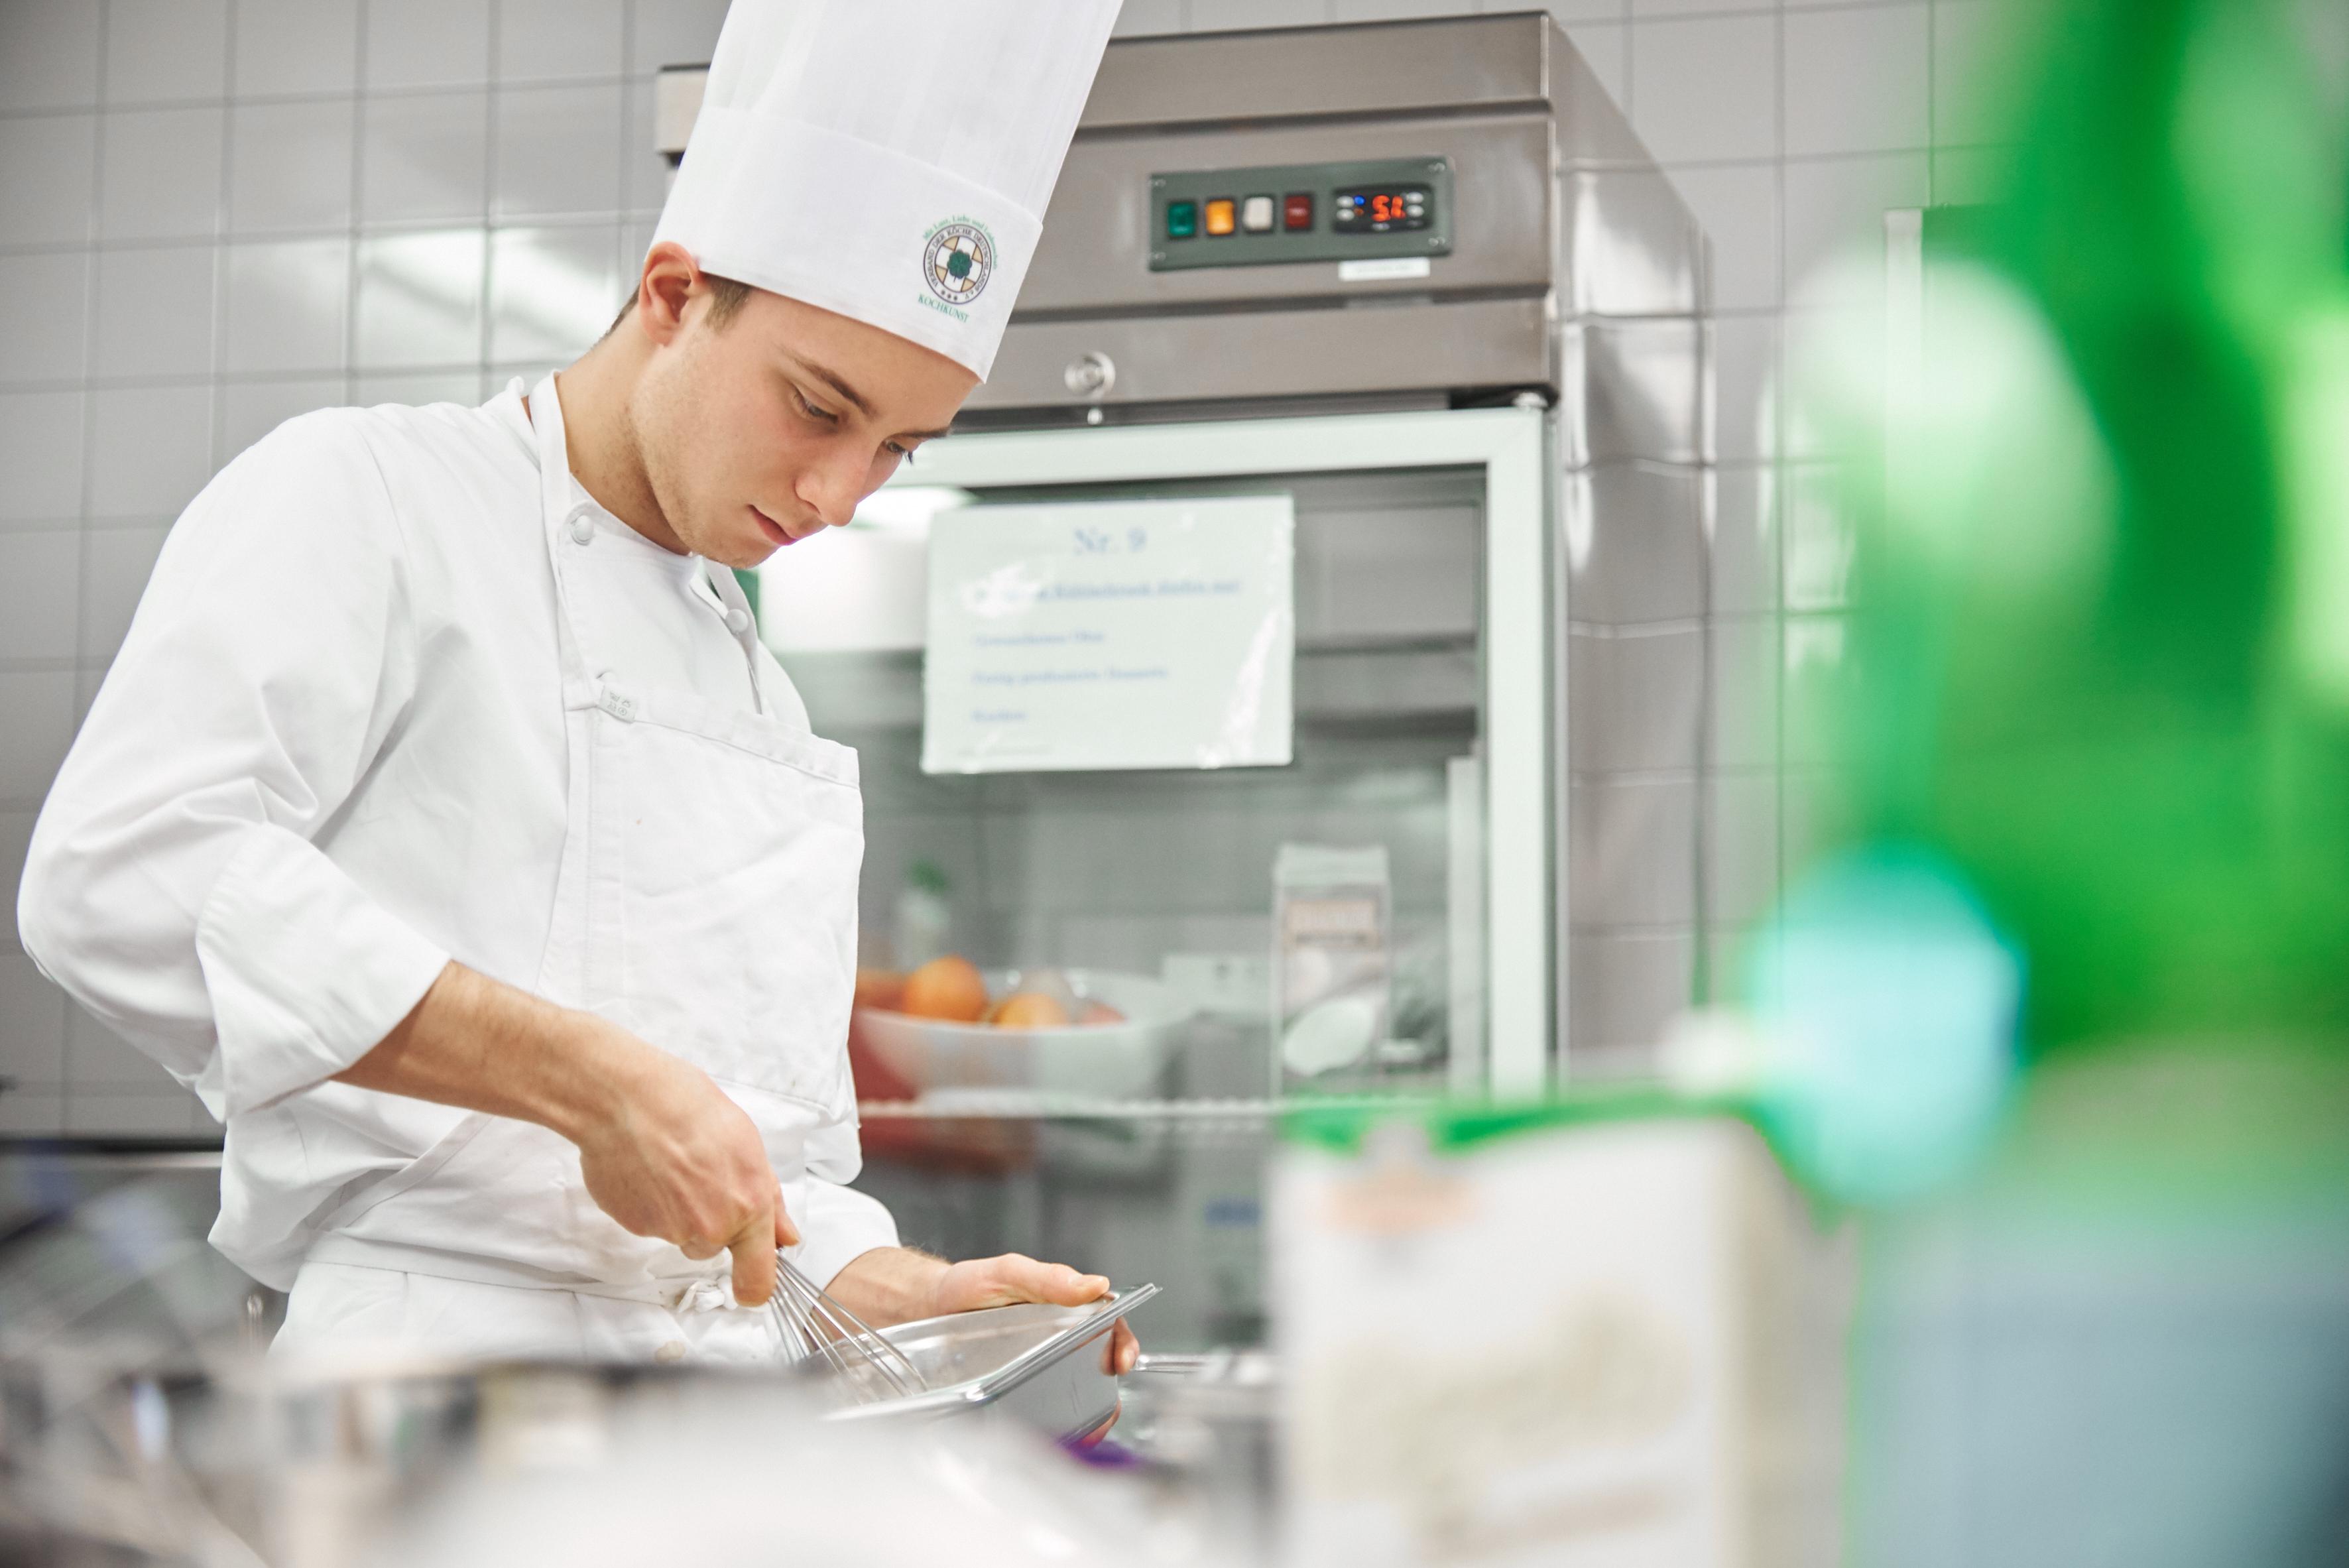 Prübungsvorbereitung für die Abschlussprüfung Koch/Köchin